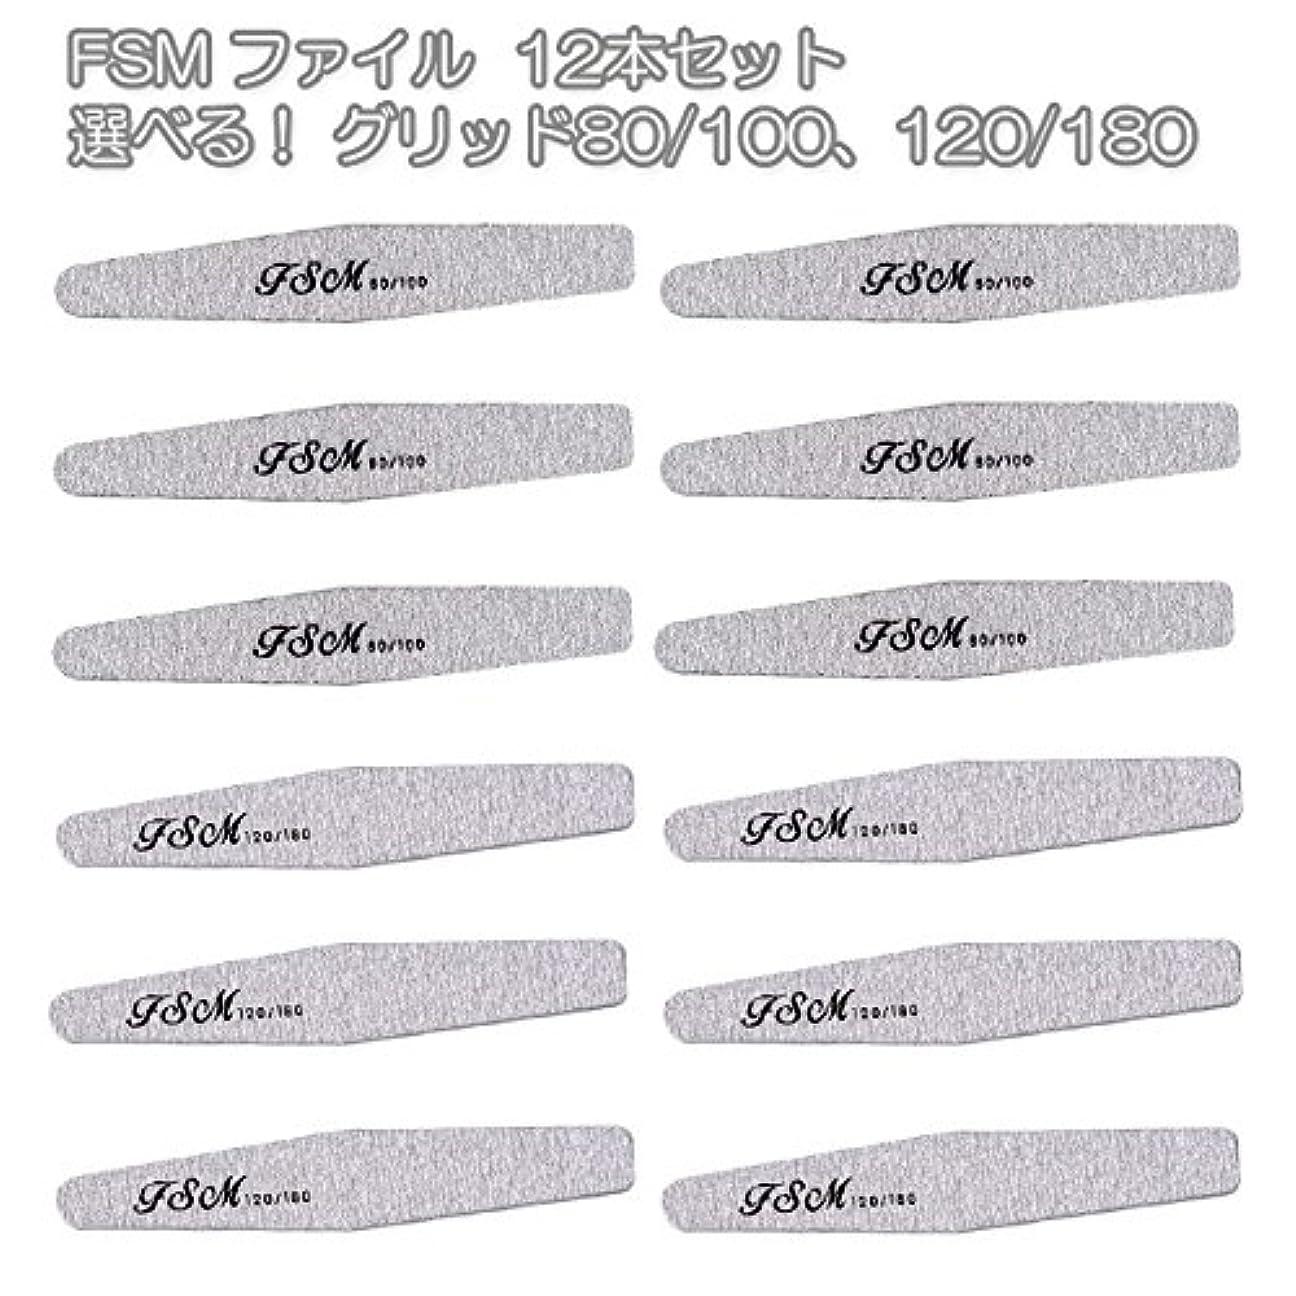 奪う乳製品乙女FSM ネイルファイル/バッファー12本セット(選べる!グリッド80/100、120/180) (G80/100の12本)